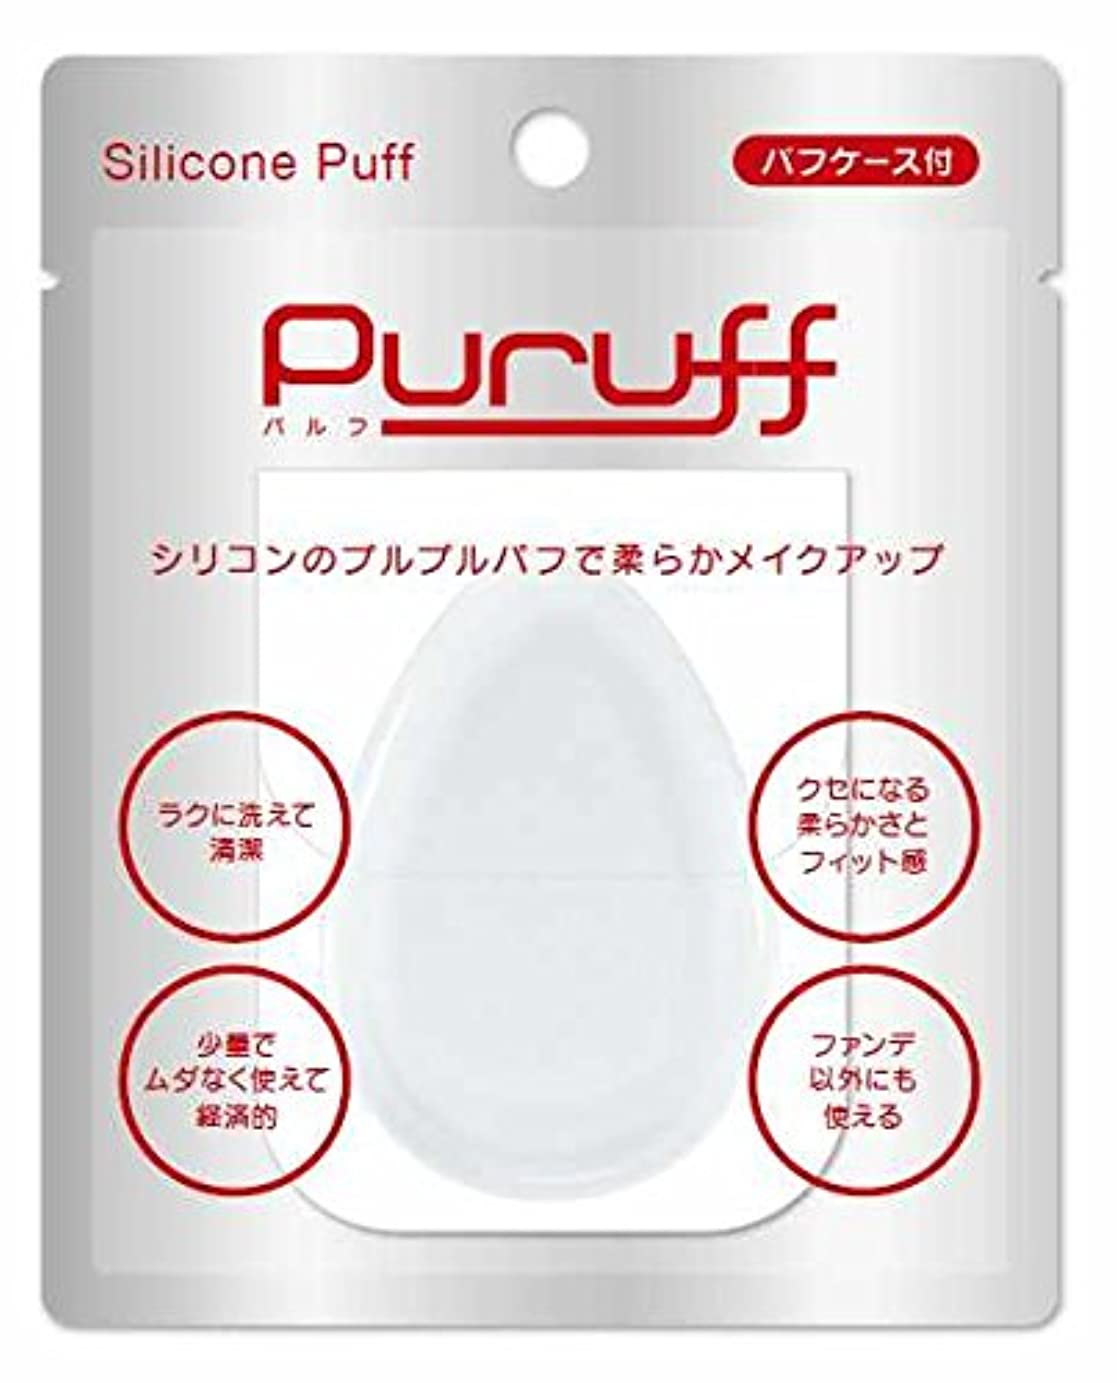 Puruff(パルフ) シリコンパフ カバー付 【まとめ買い2個セット】